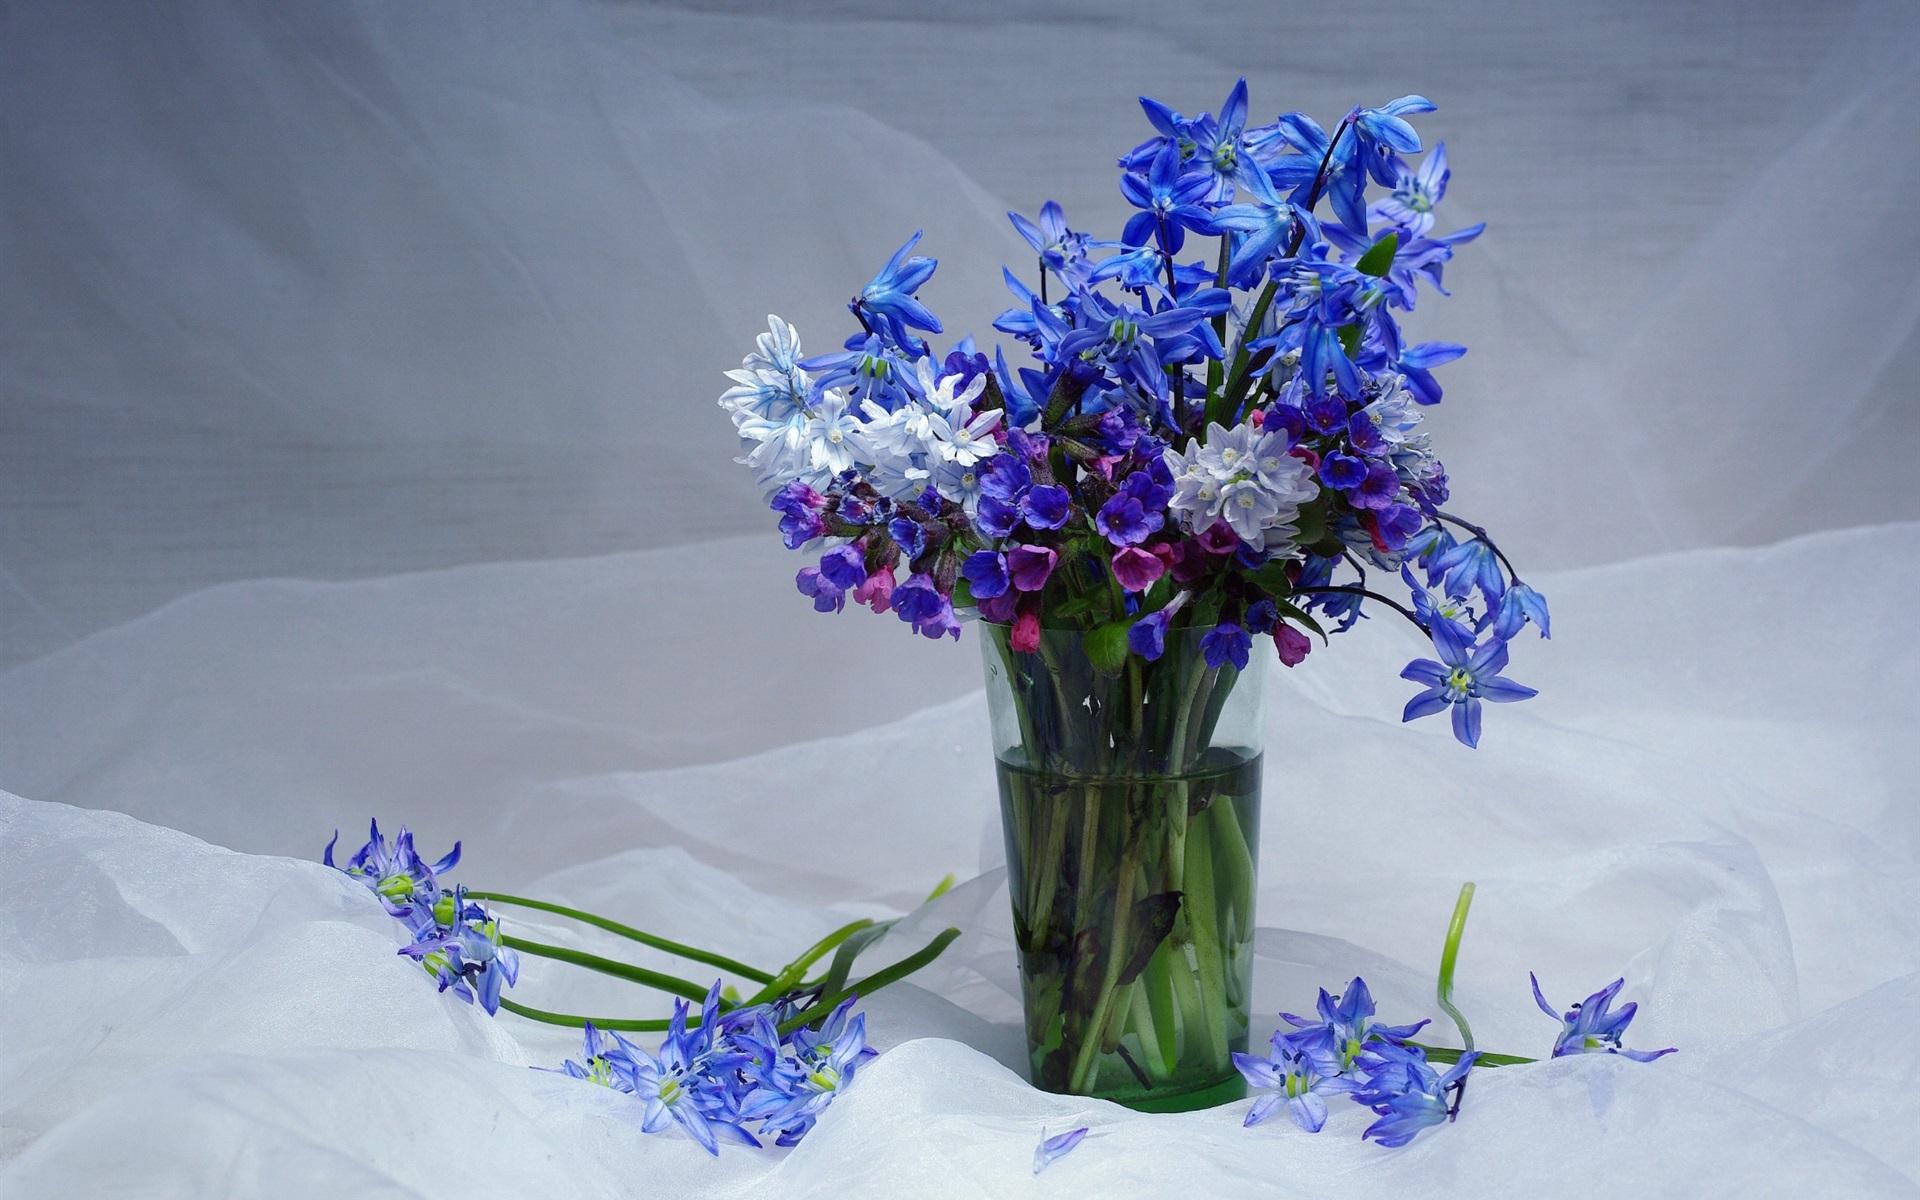 видели весенние первоцветы вазе фото картинки хотят жить долго